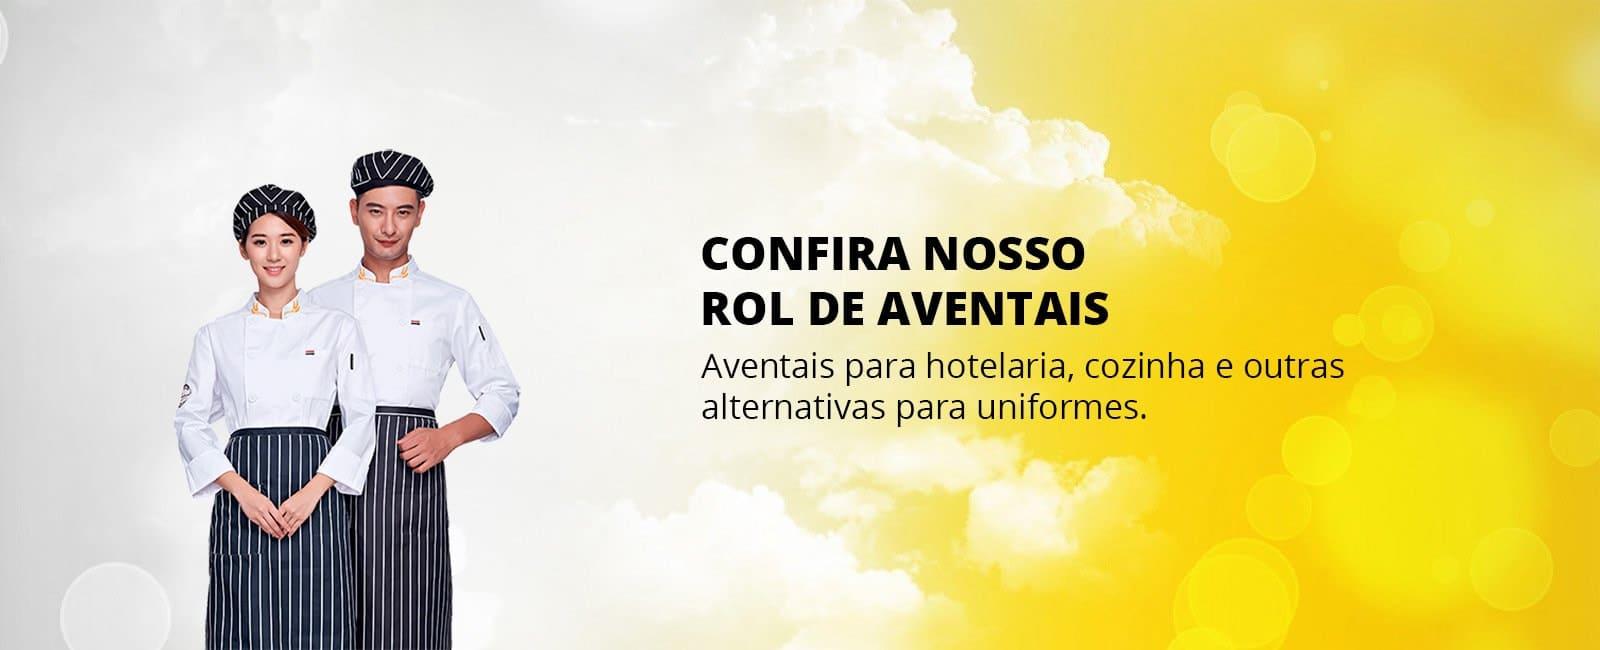 Avental Para Uniforme em Curitiba